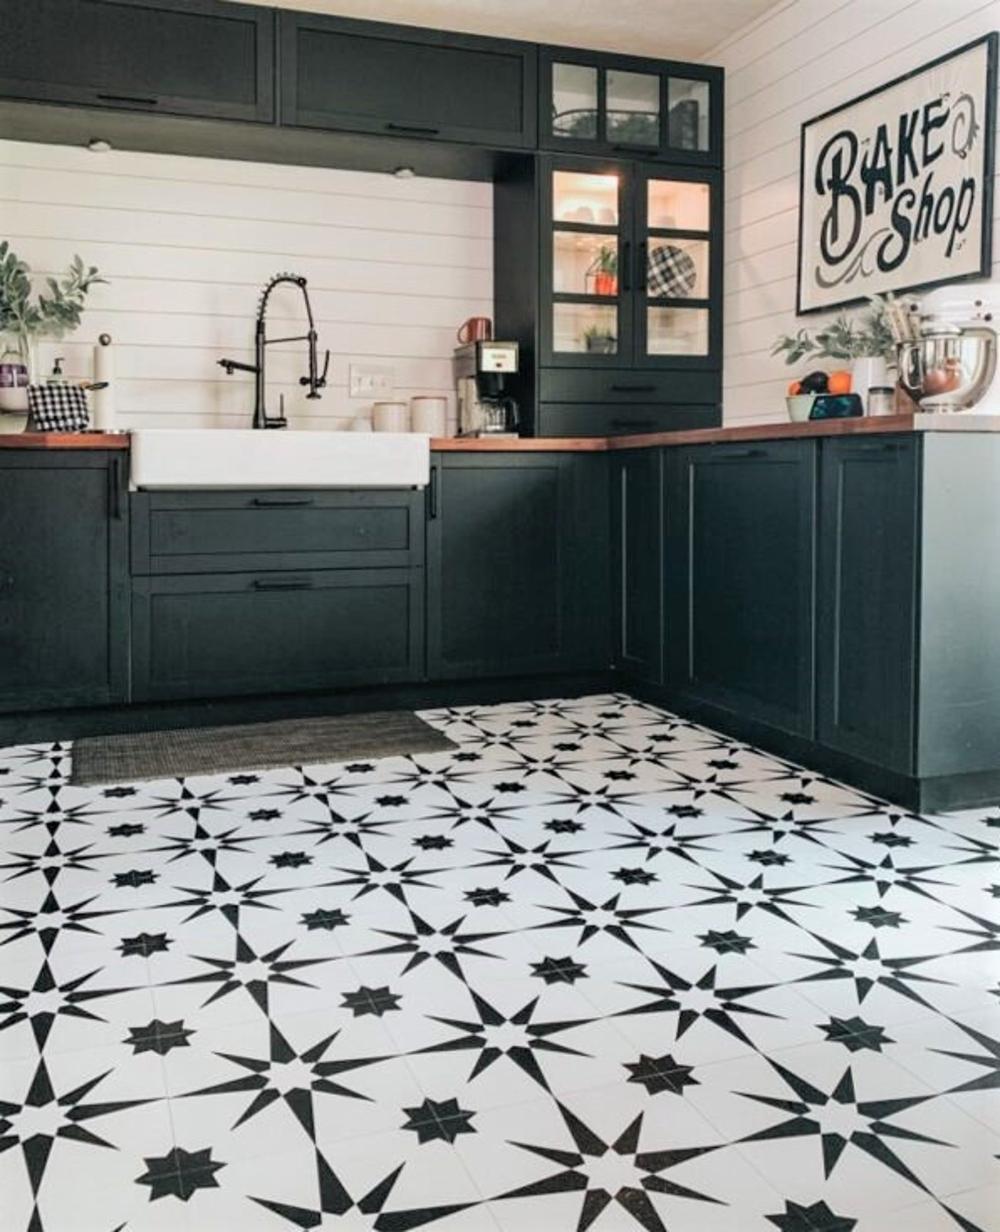 Altair Peel Stick Vinyl Floor Tiles Etsy In 2021 Patterned Kitchen Tiles Floor Makeover White Kitchen Floor